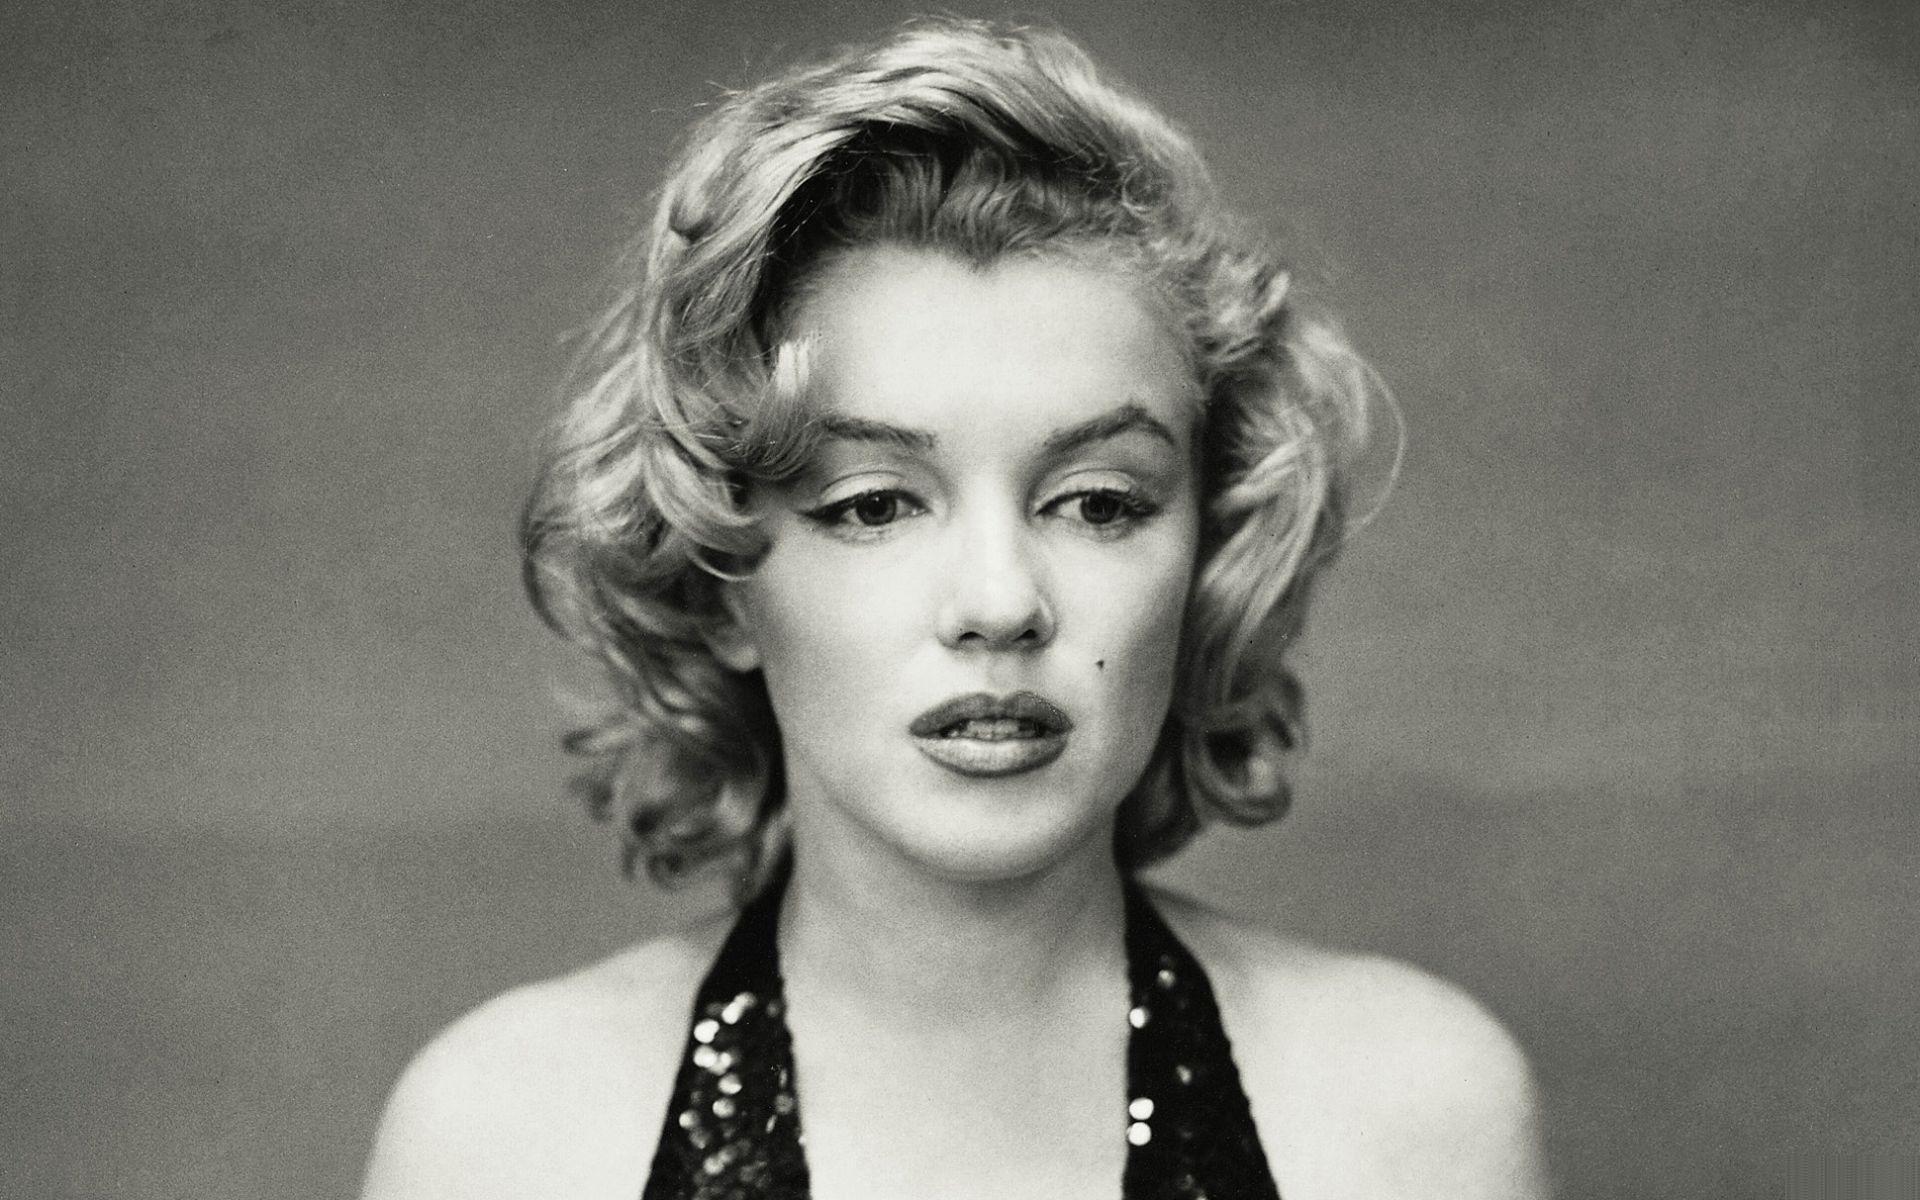 Black And White Marilyn Monroe Wallpaper Borde 14914 Full HD ...